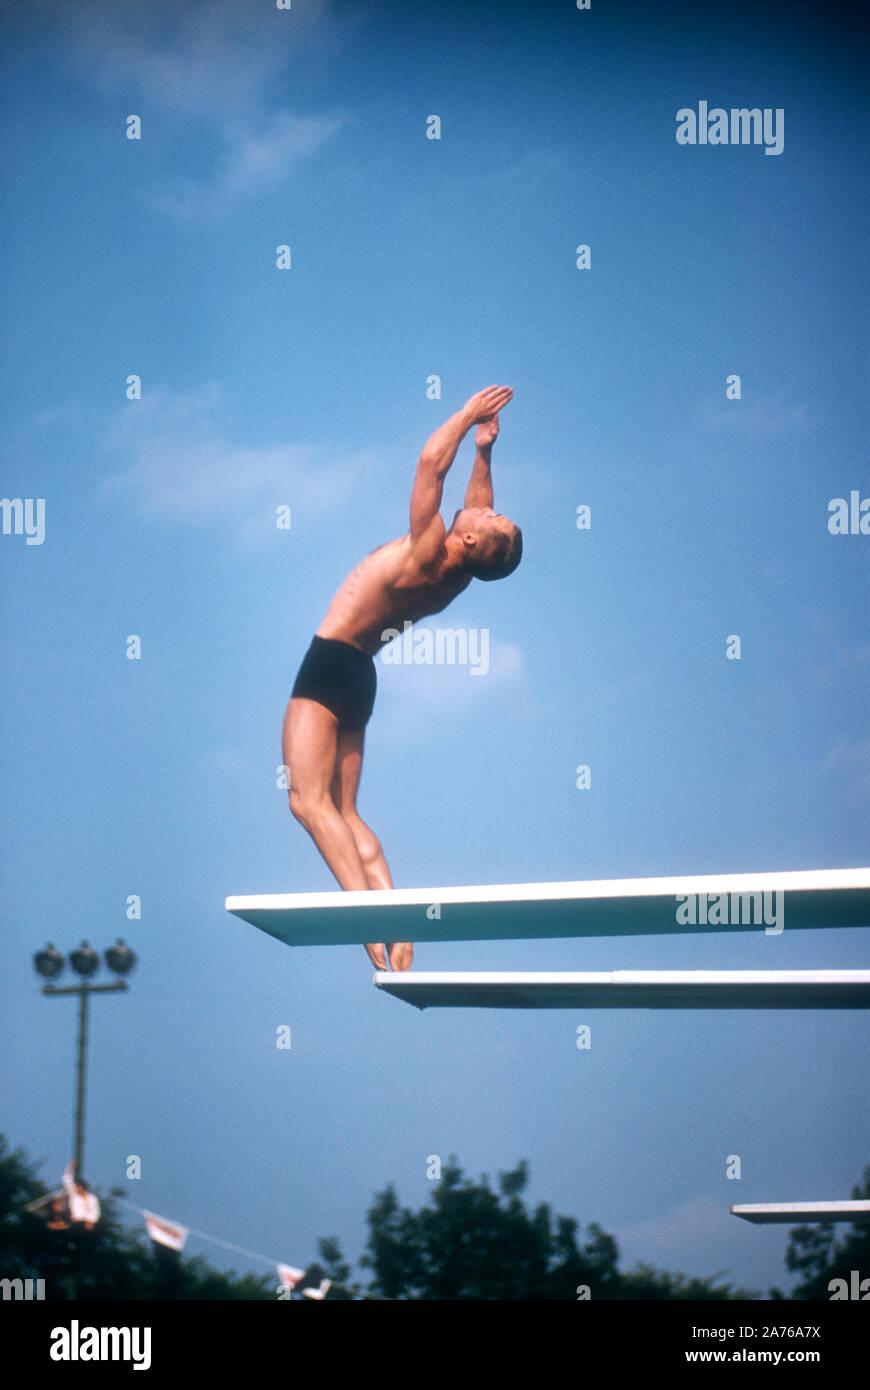 DETROIT, MI - Agosto, 1956: buzo americano Jerry Harrison entra en su movimiento de buceo durante el 1956 ensayos olímpicos de natación circa 1956 en agosto, Brennan Pool en Detroit, Michigan. (Foto por Hy Peskin) (número de registro: X3992) Foto de stock